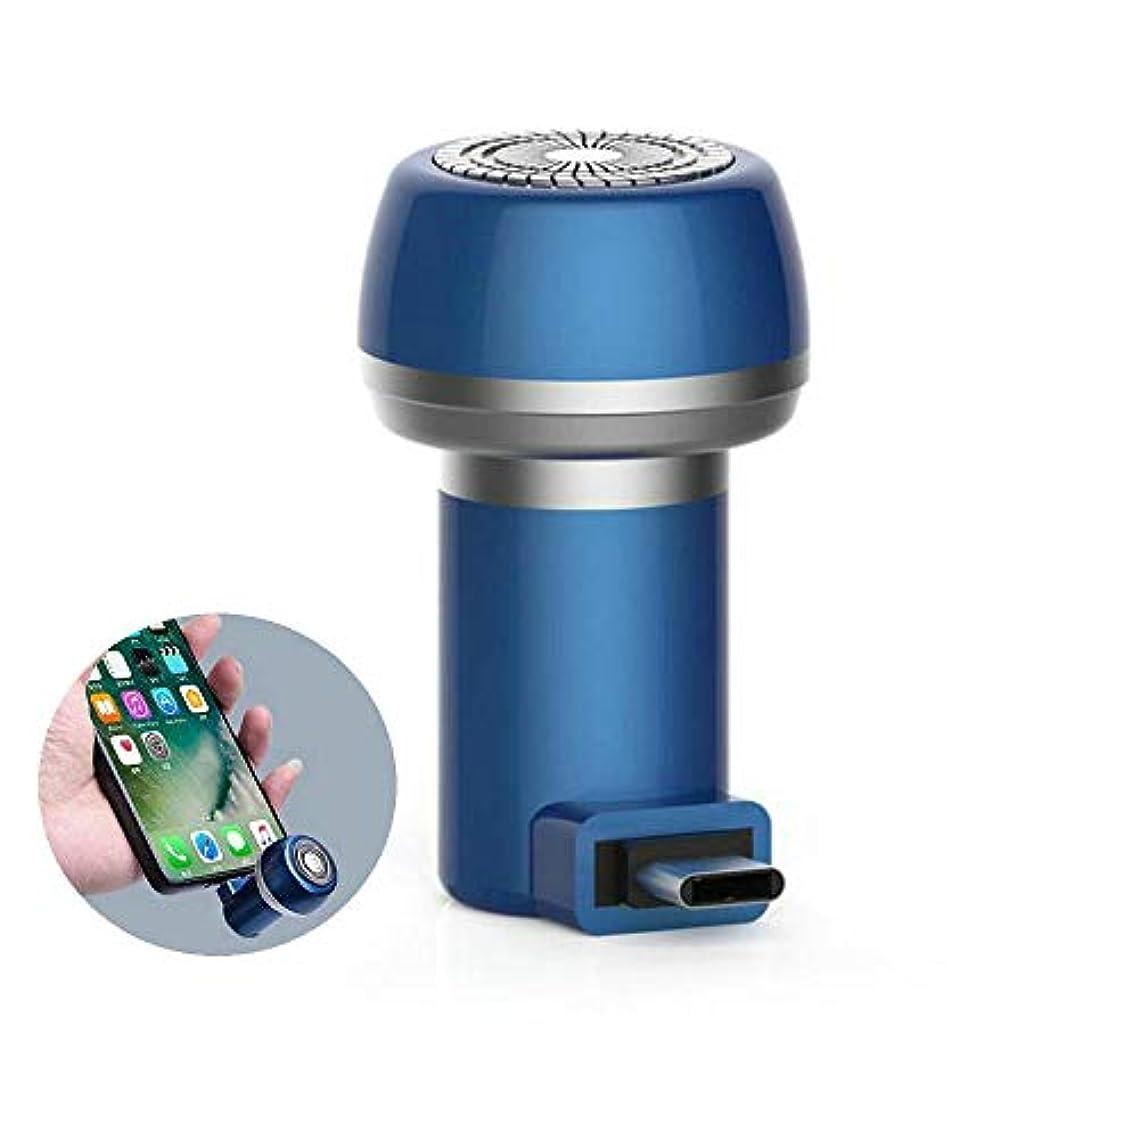 ビュッフェ腰作曲家XAHWL ミニ シェーバー 携帯電話 Micro/Type-c/USB+Micro 脱毛器